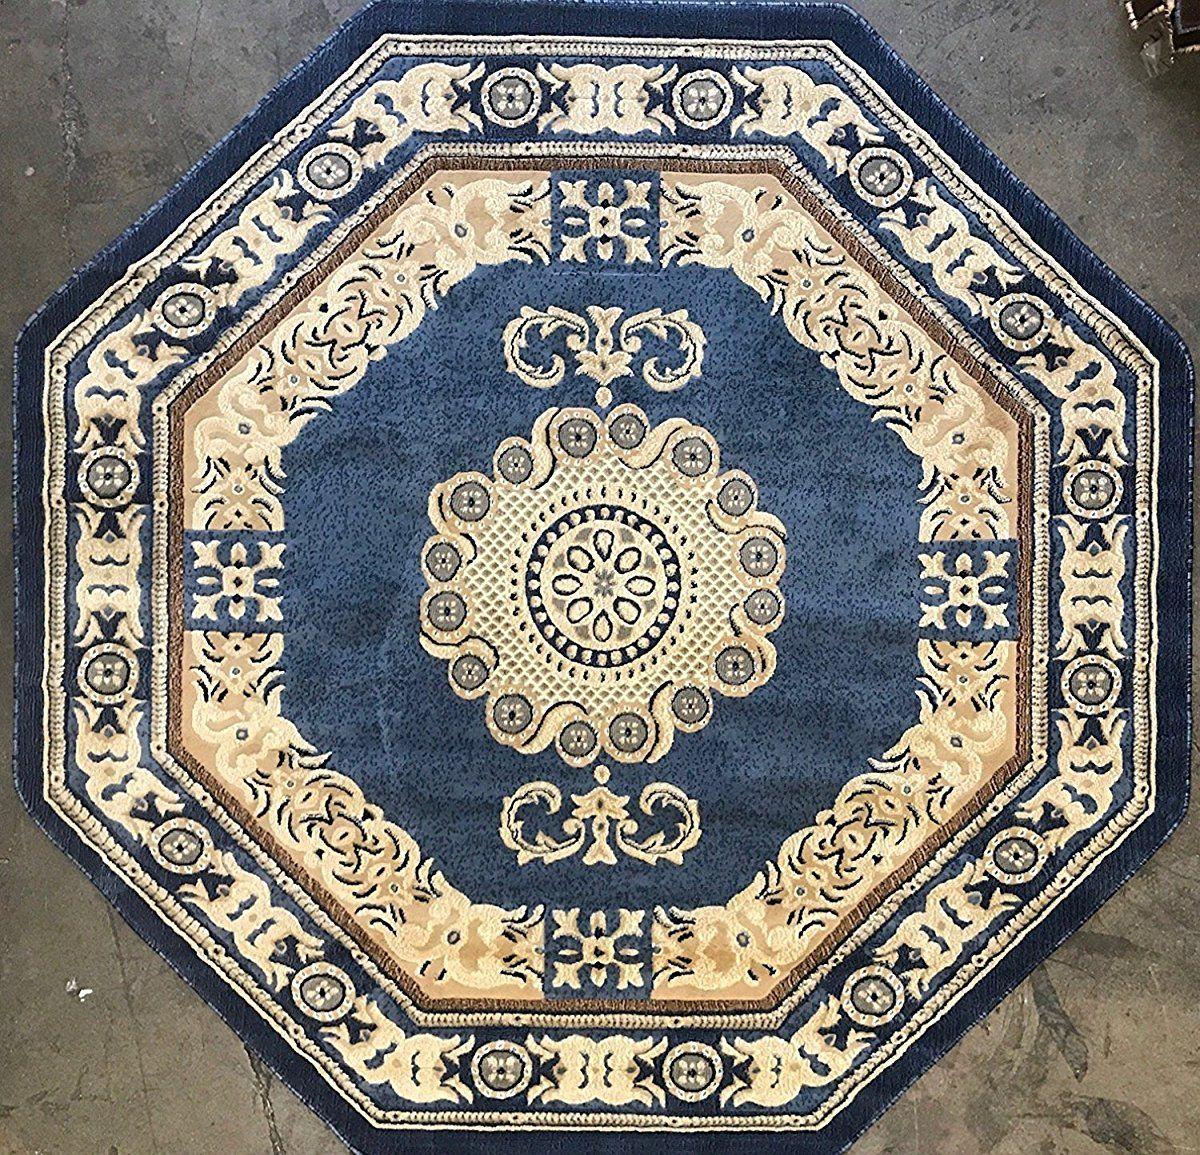 Octagon Persian Area Rug Light Blue Area Rug Decor Octagon Area Rugs Light Blue Area Rug